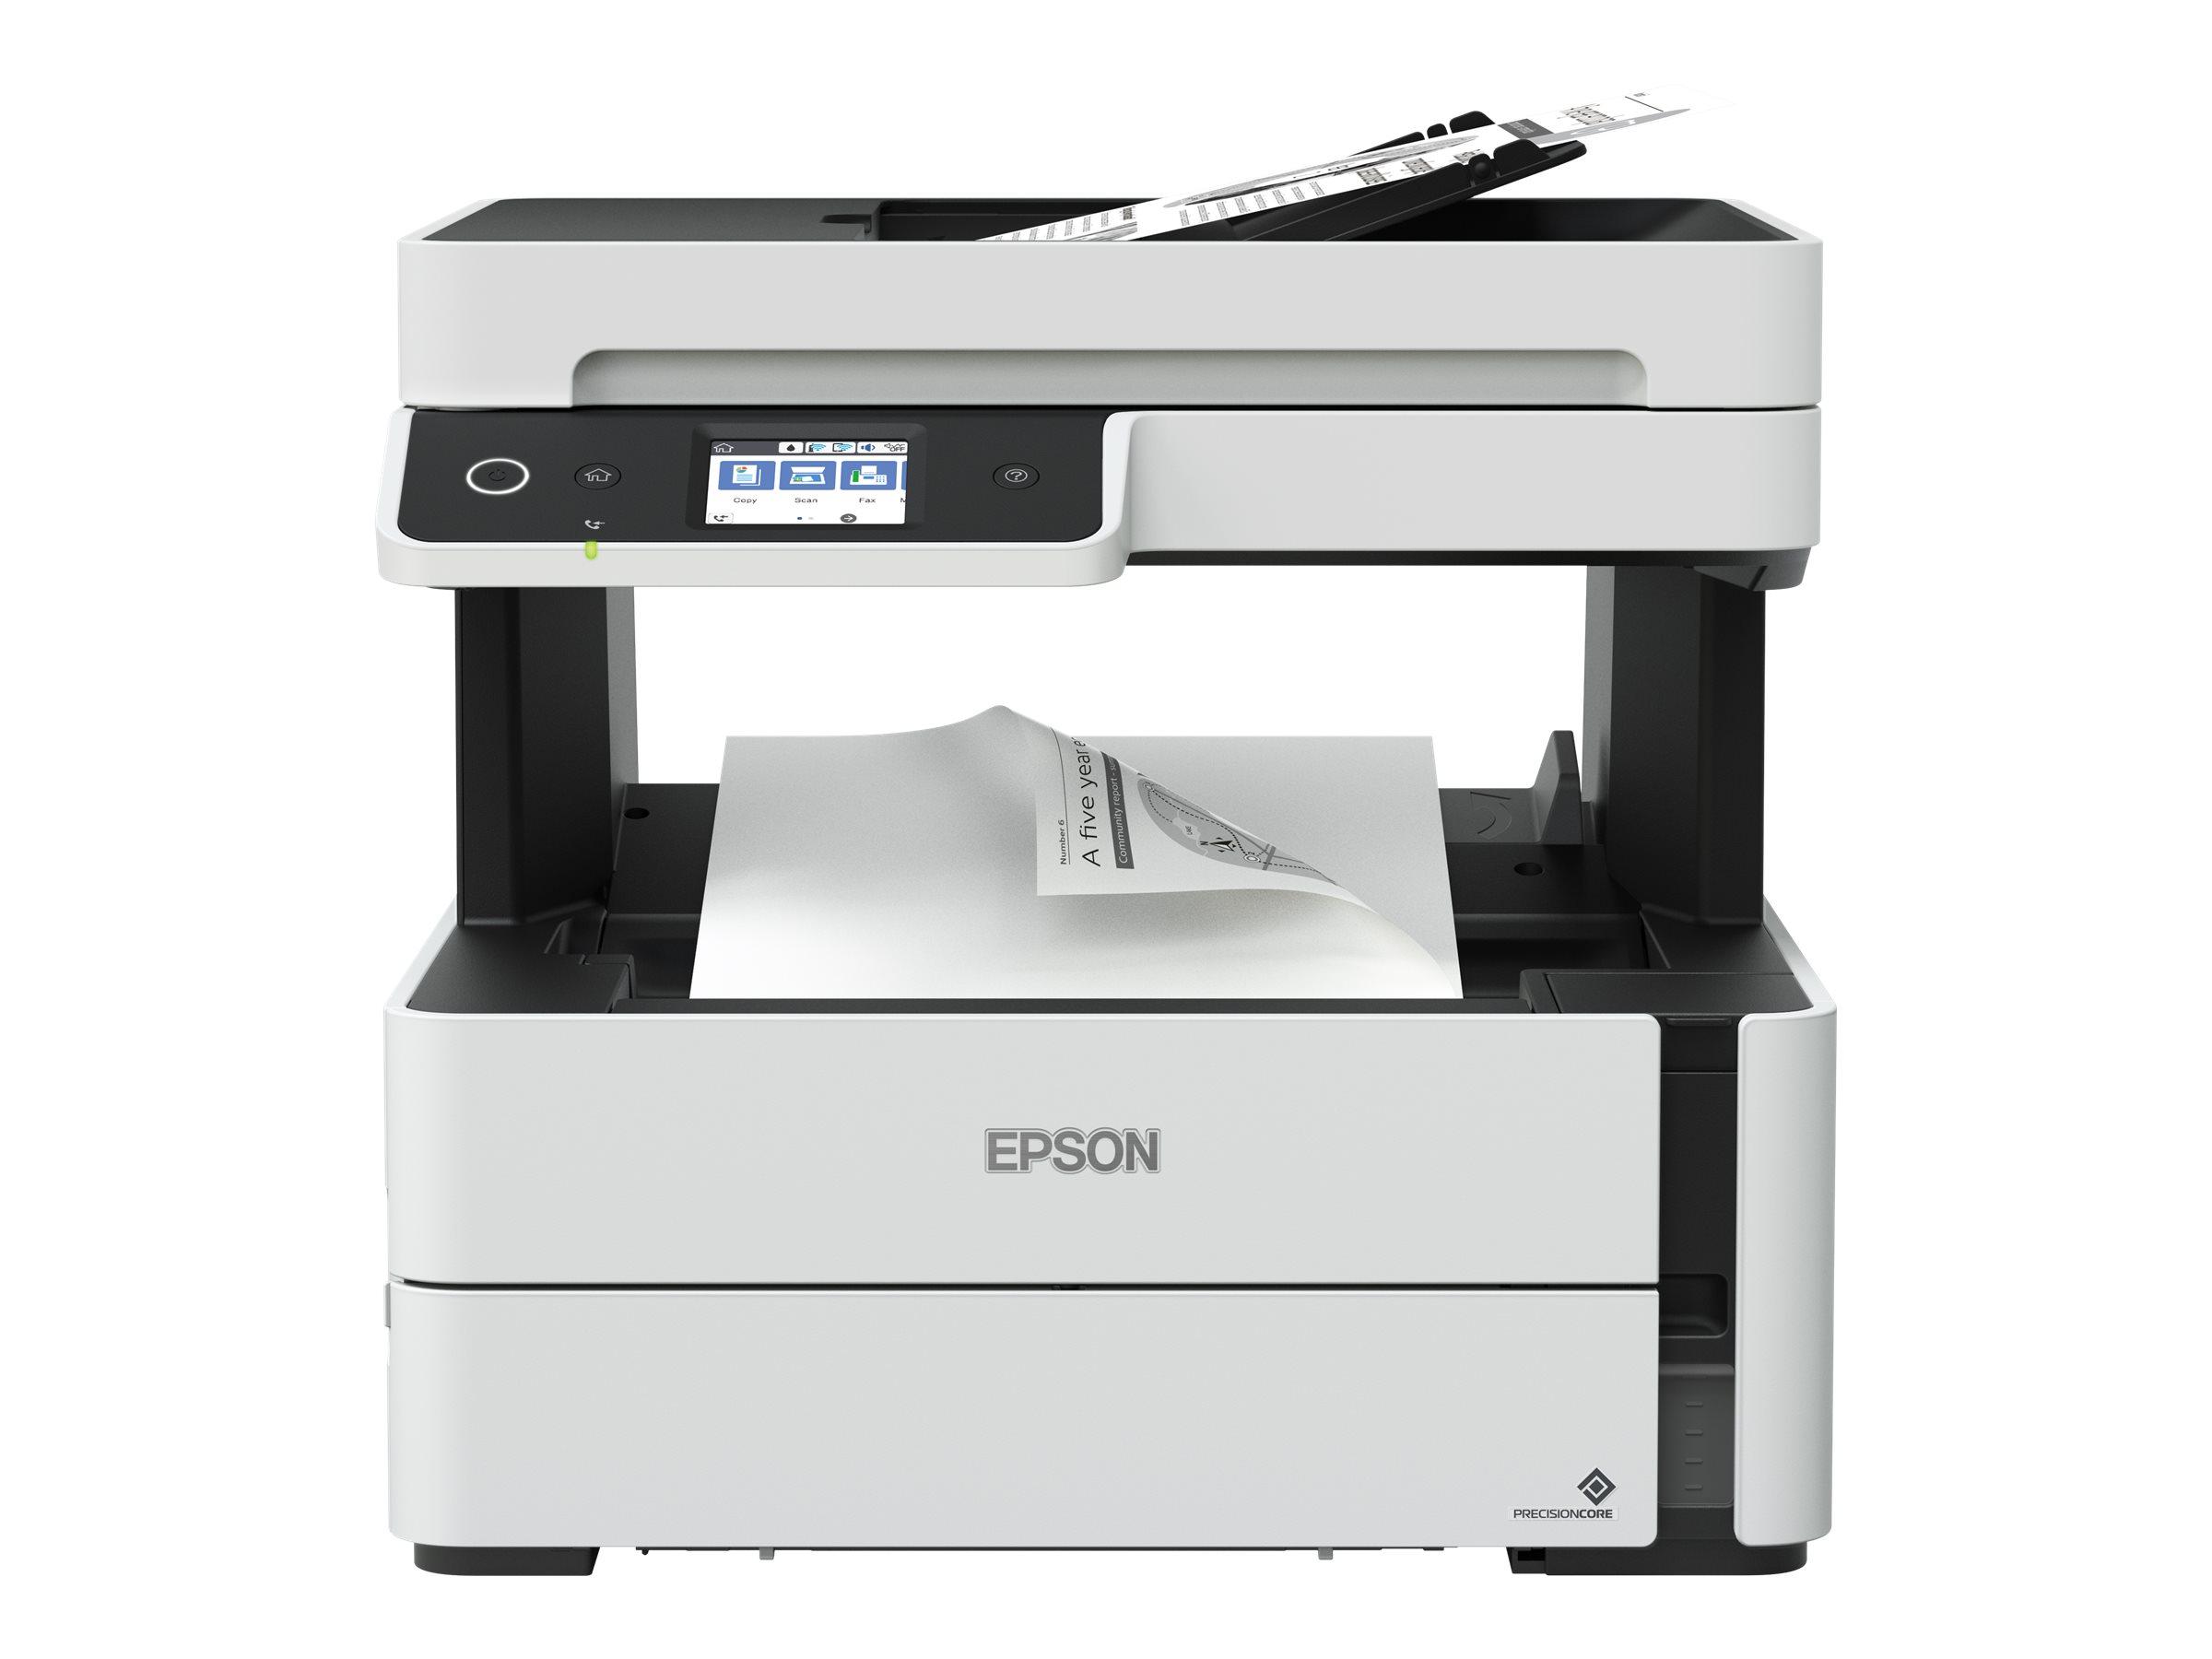 Epson EcoTank ET-M3140 - Multifunktionsdrucker - s/w - Tintenstrahl - A4/Legal (Medien) - bis zu 17 Seiten/Min. (Kopieren)